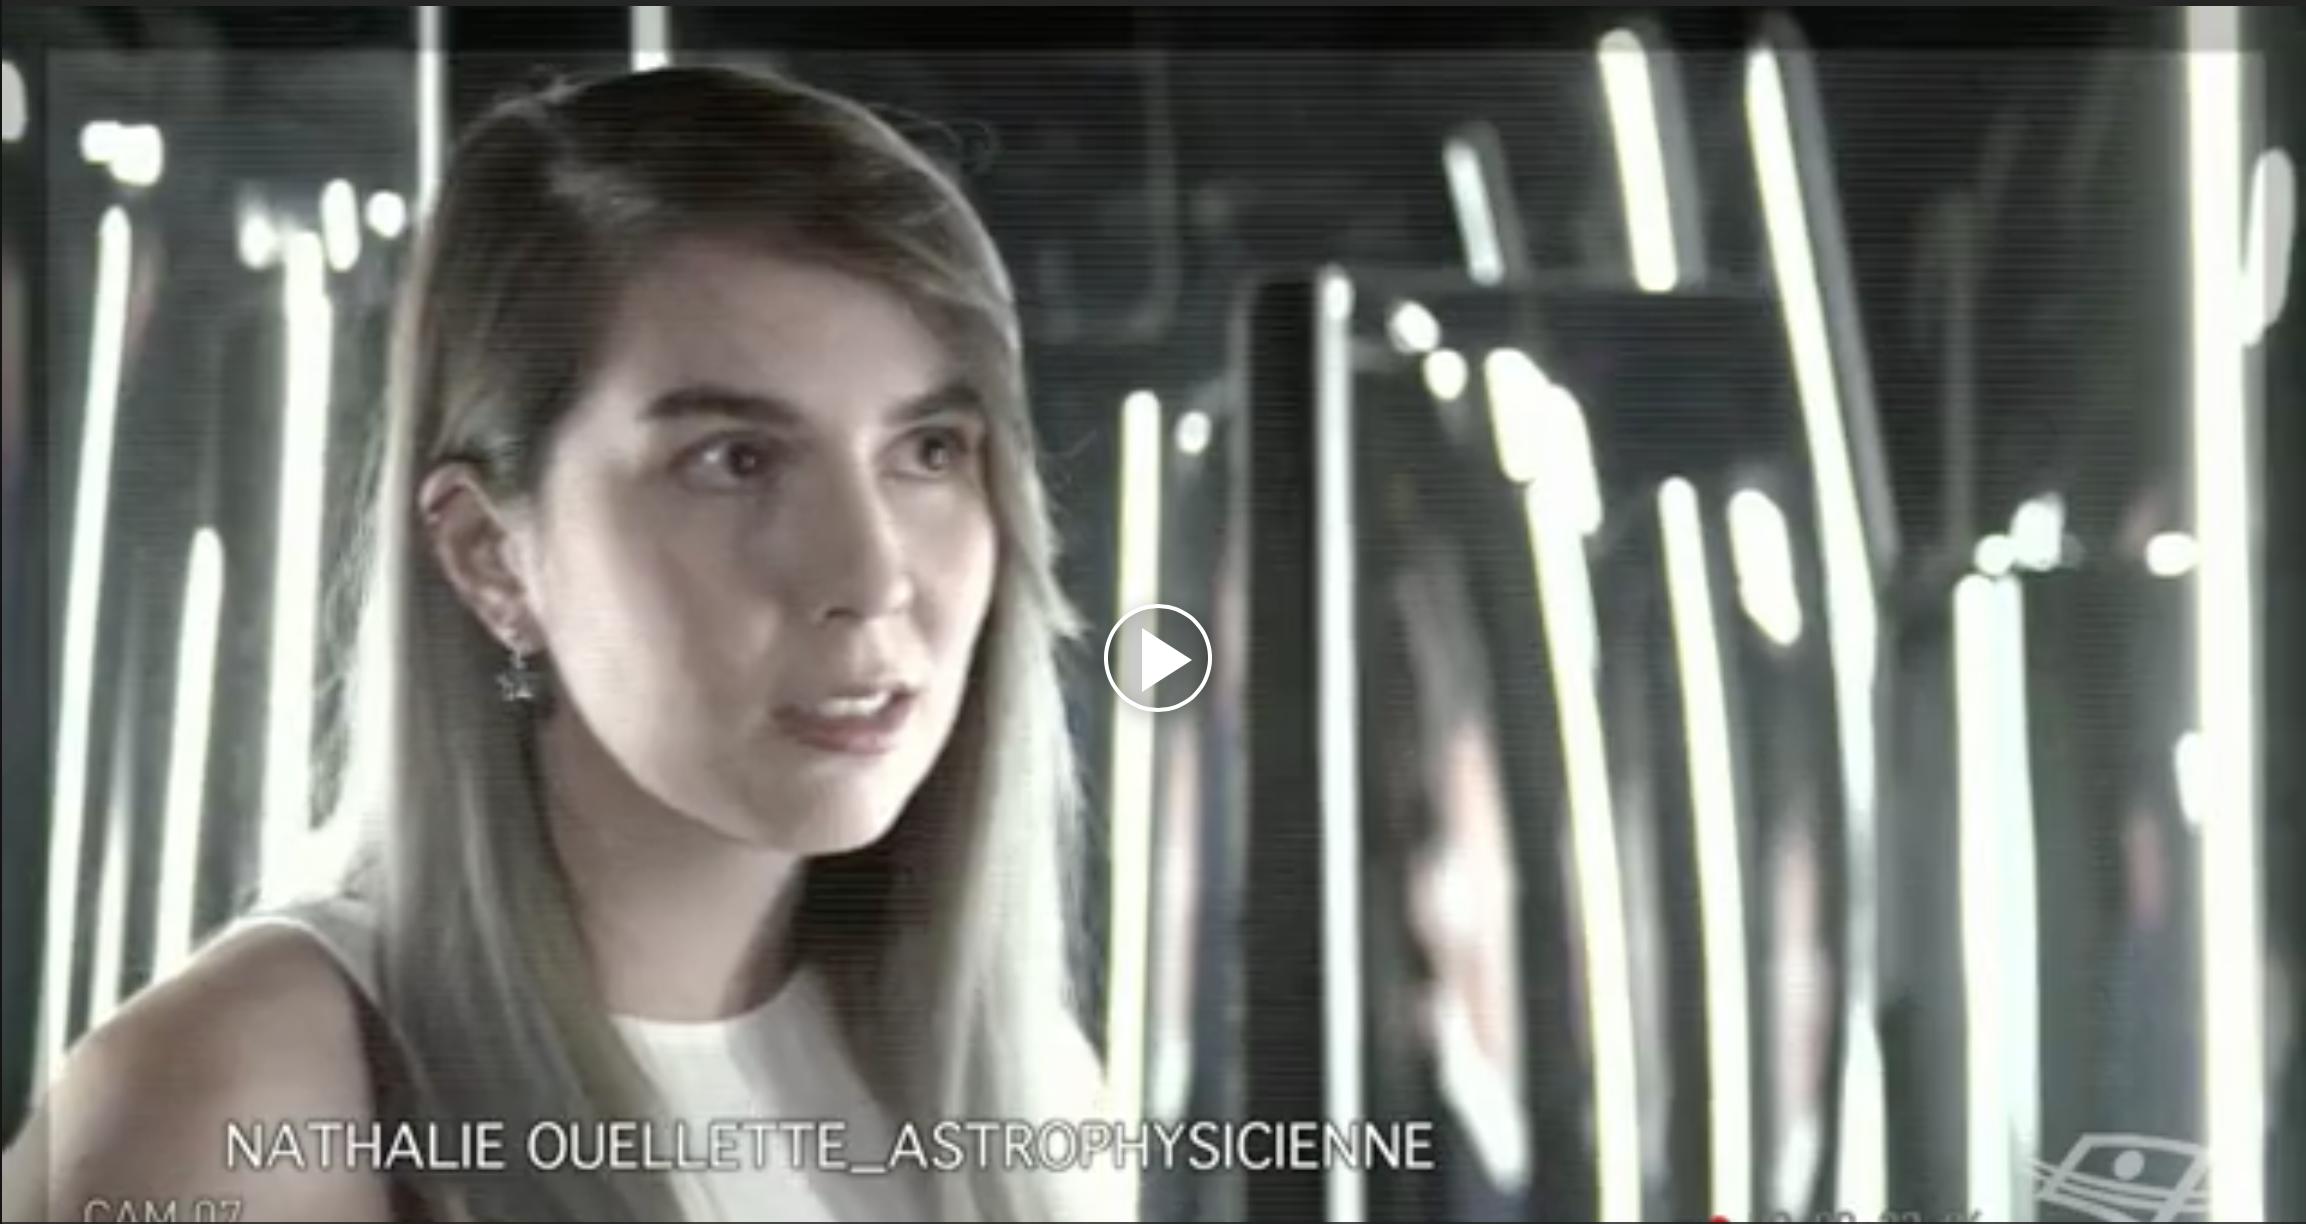 Demain le monde: la conquête spatiale, Les francs tireurs (3 octobre 2018), Télé-Québec.